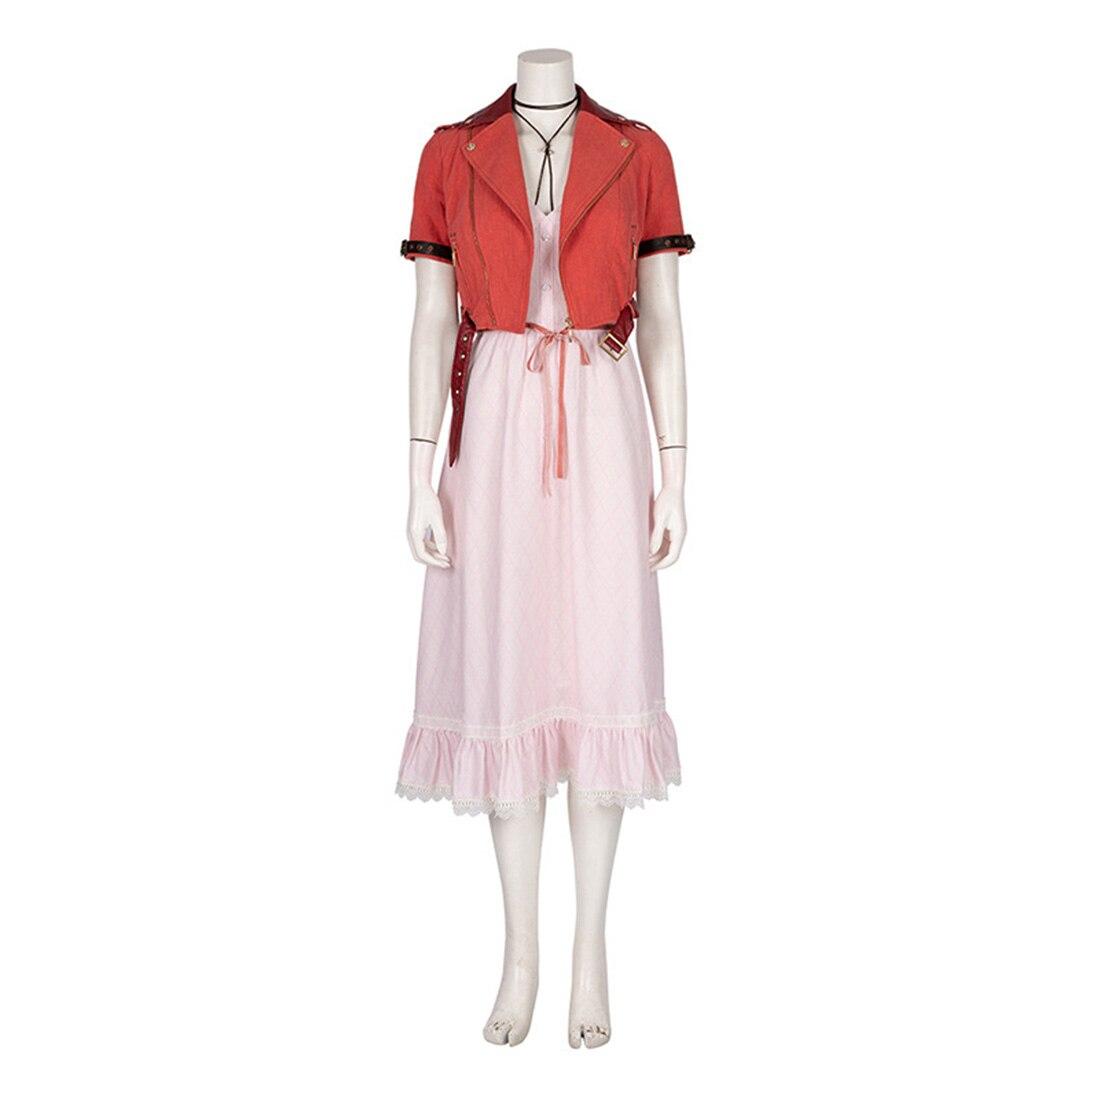 Disfraz de Cosplay de Aerith, conjunto completo para mujer, moda femenina, pelucas de fiesta de navidad, regalos de cumpleaños, XXXL XXL XL L M S